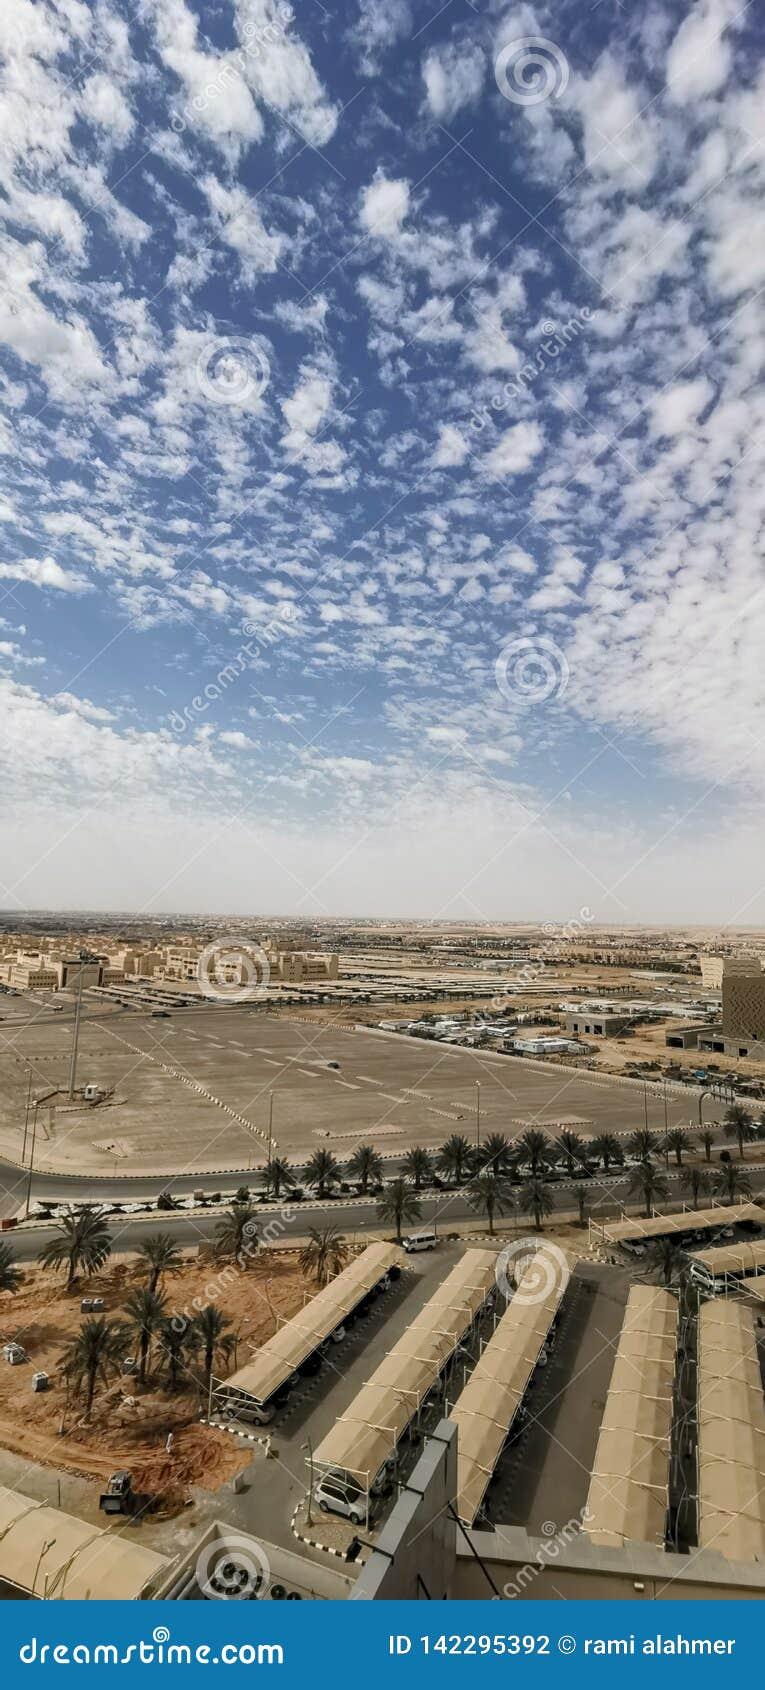 Saudi-Arabien Himmel bewölkt konkreten Himmel des schönen Baus